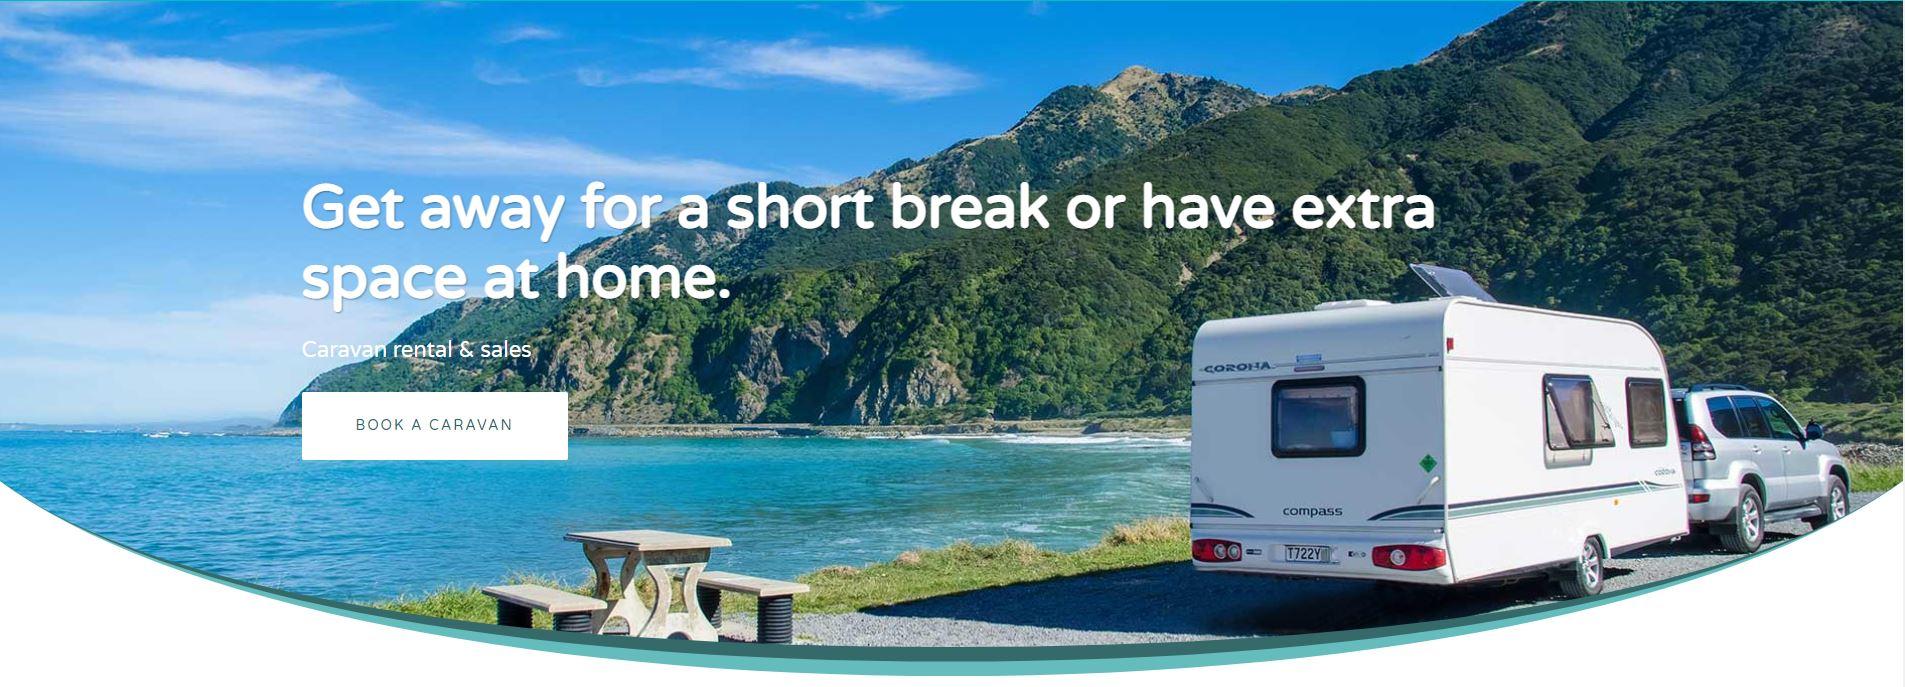 Campervans, Caravans, Motorhomes, caravan and campervan sales